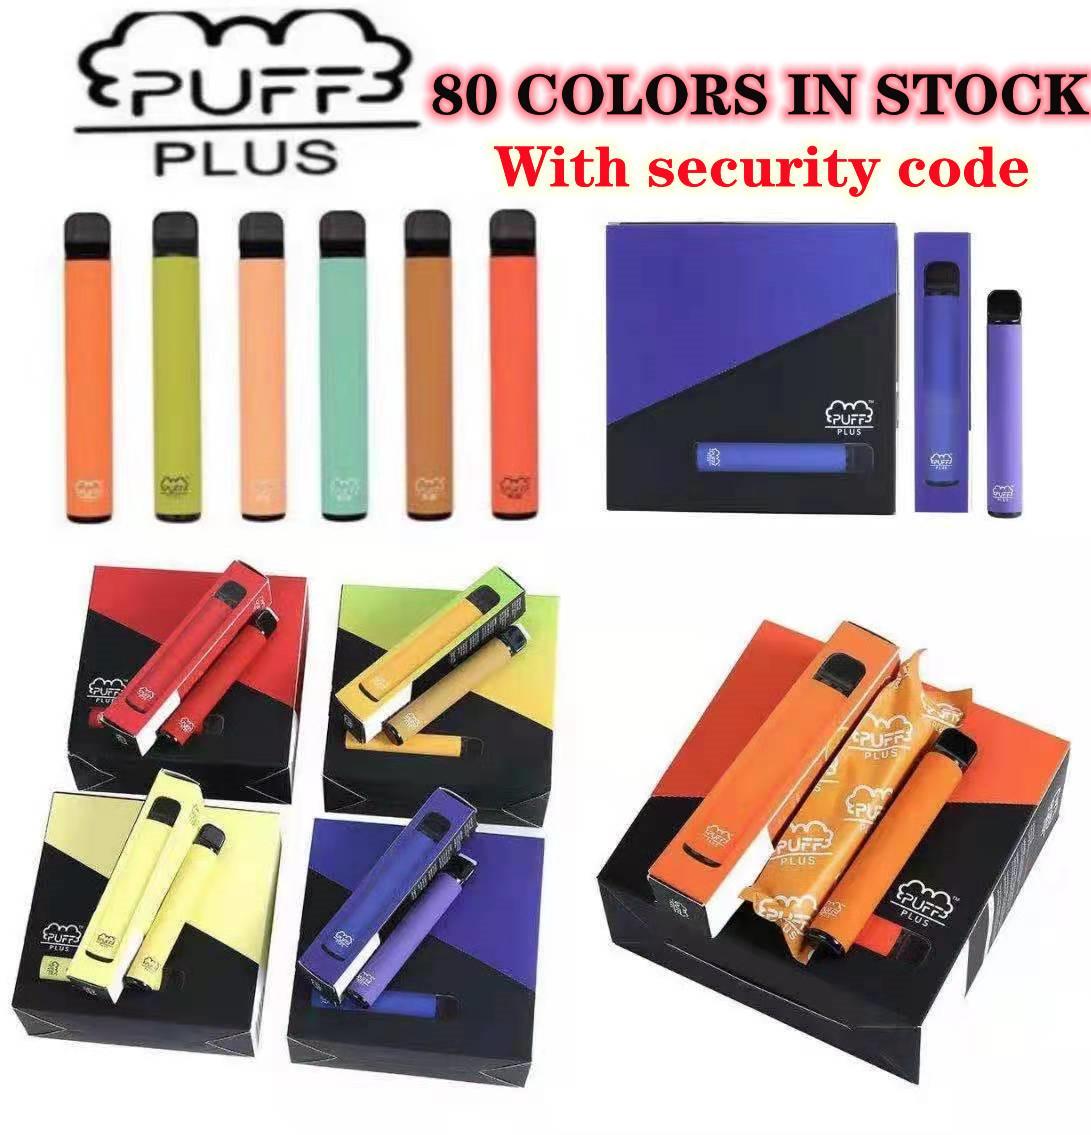 Dispositivo 550mAh Batería Vape Cigarrillos 800 Puffs 3.2ml Bar Preplicado XXL Double Stick Bang Air Air Lux 80 Color Barras de hojaldas más vapes desechables